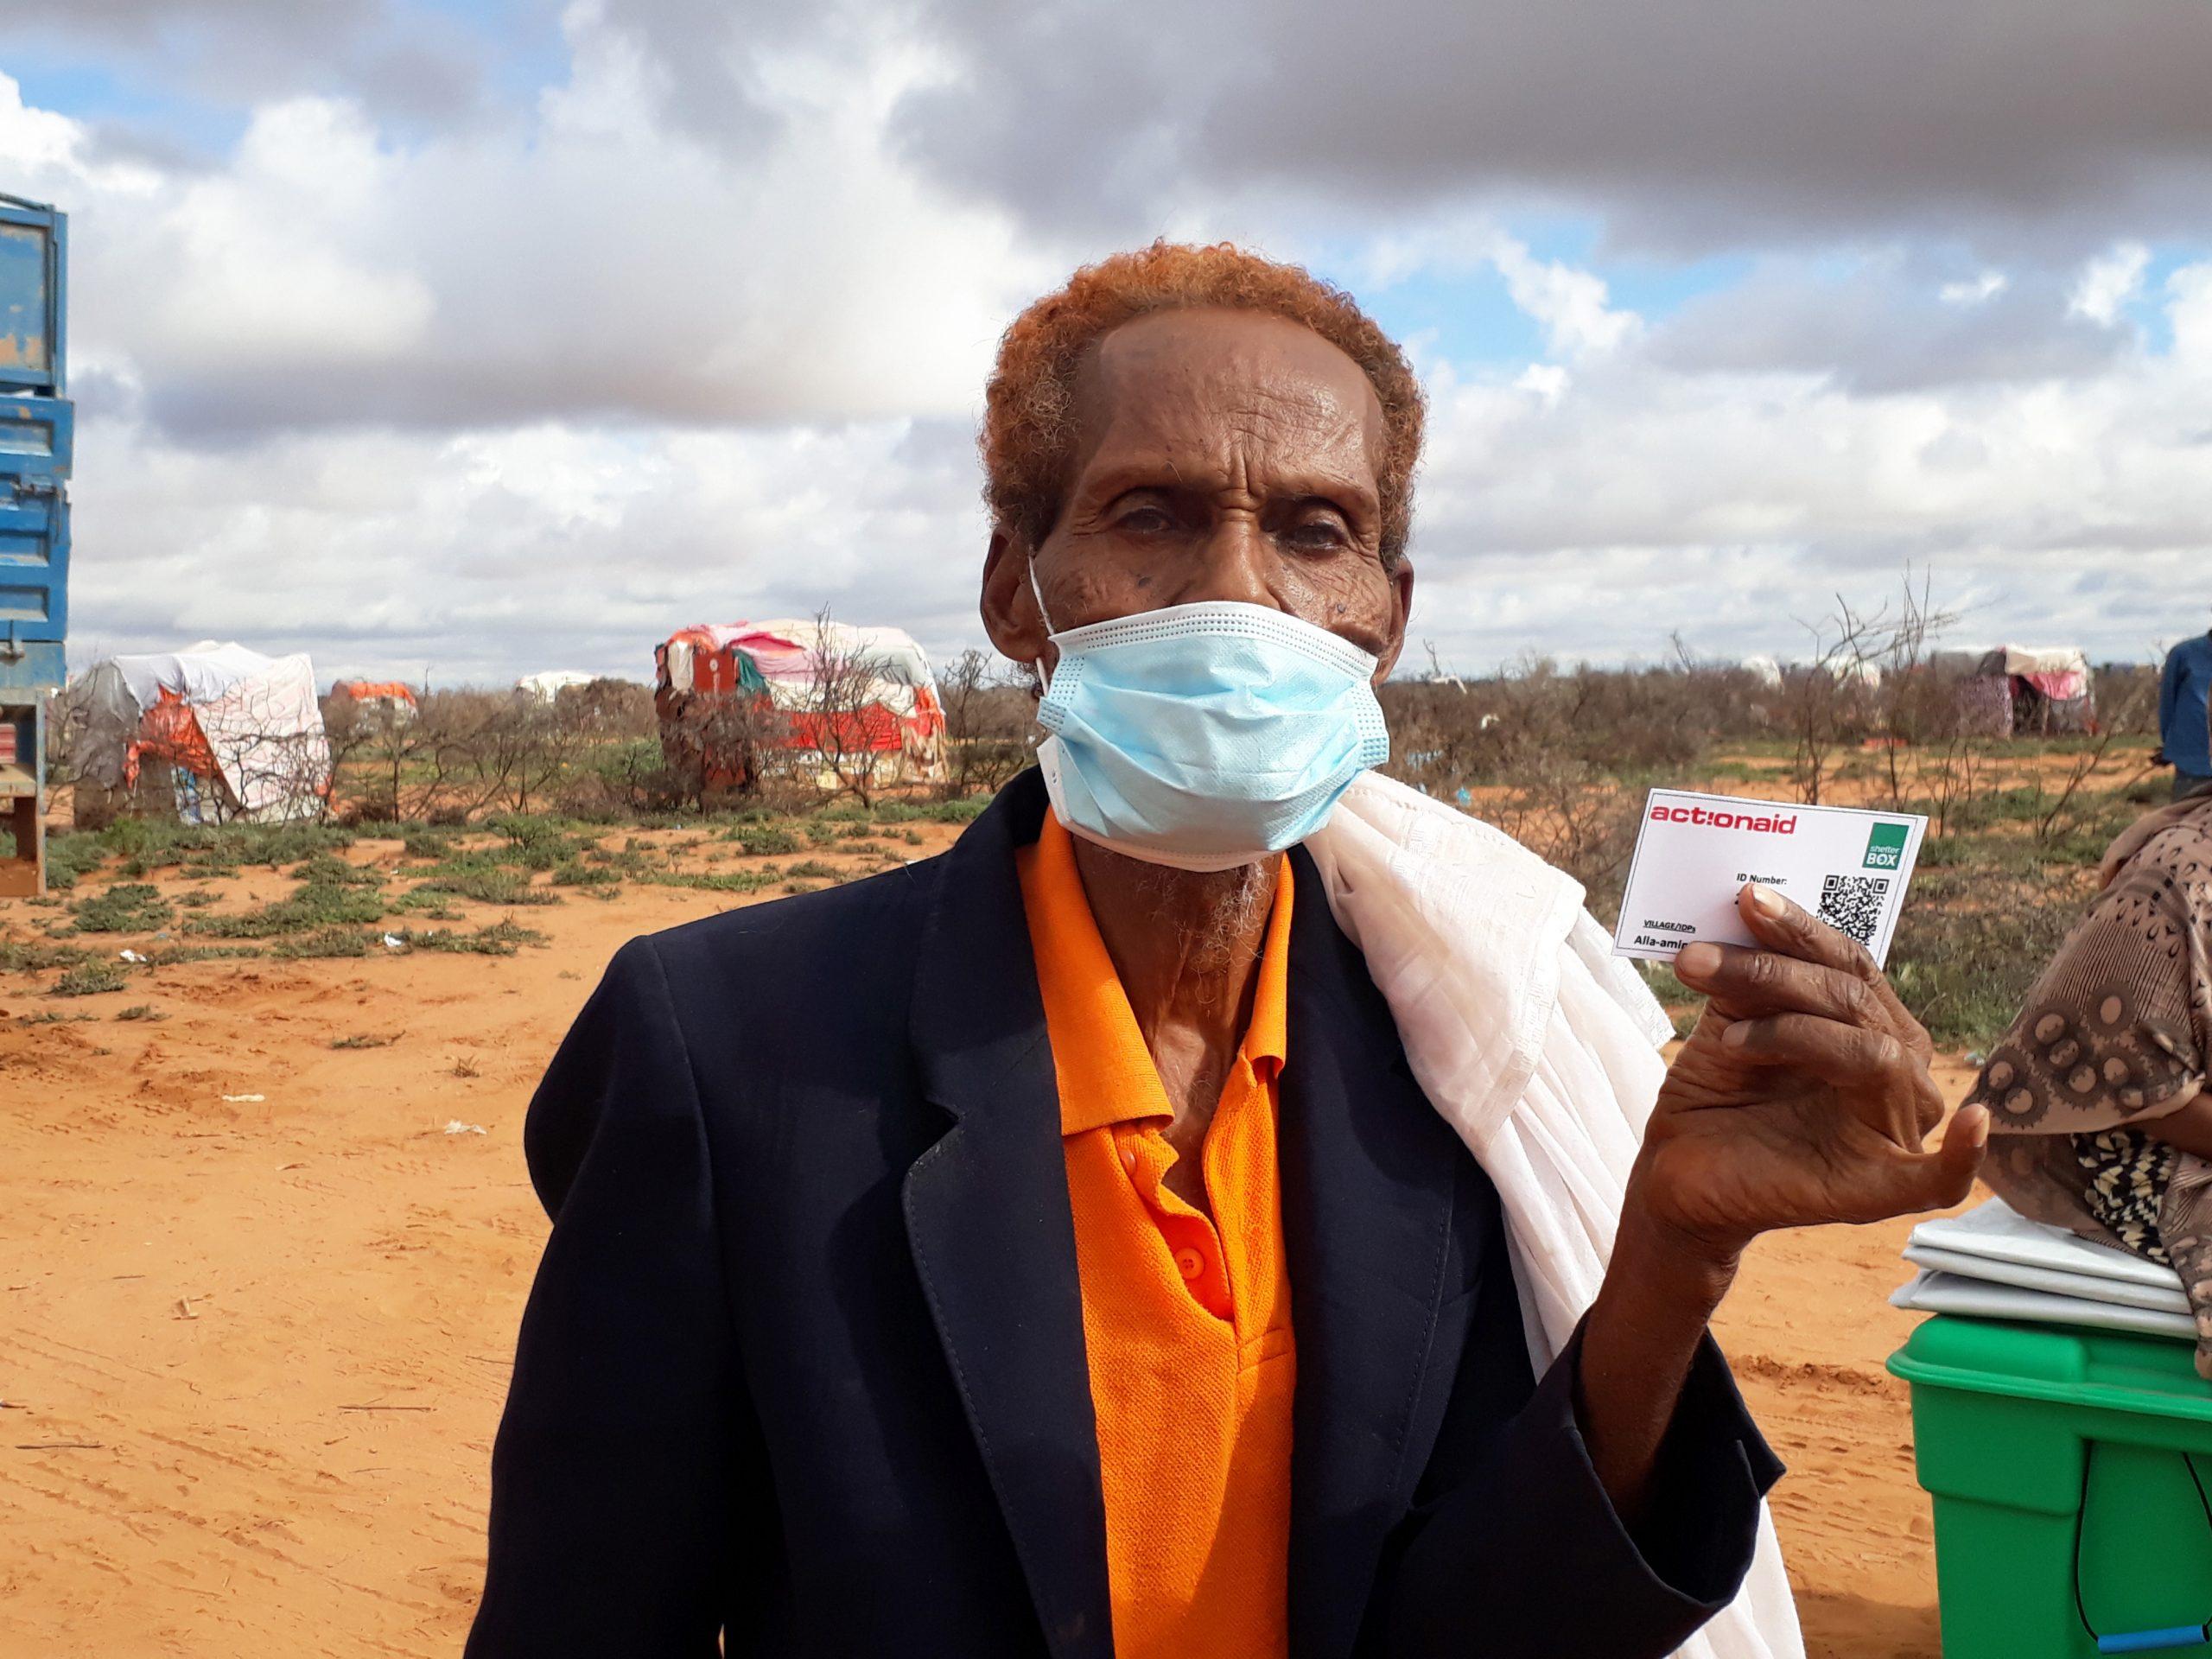 Geflüchteter in Somaliland